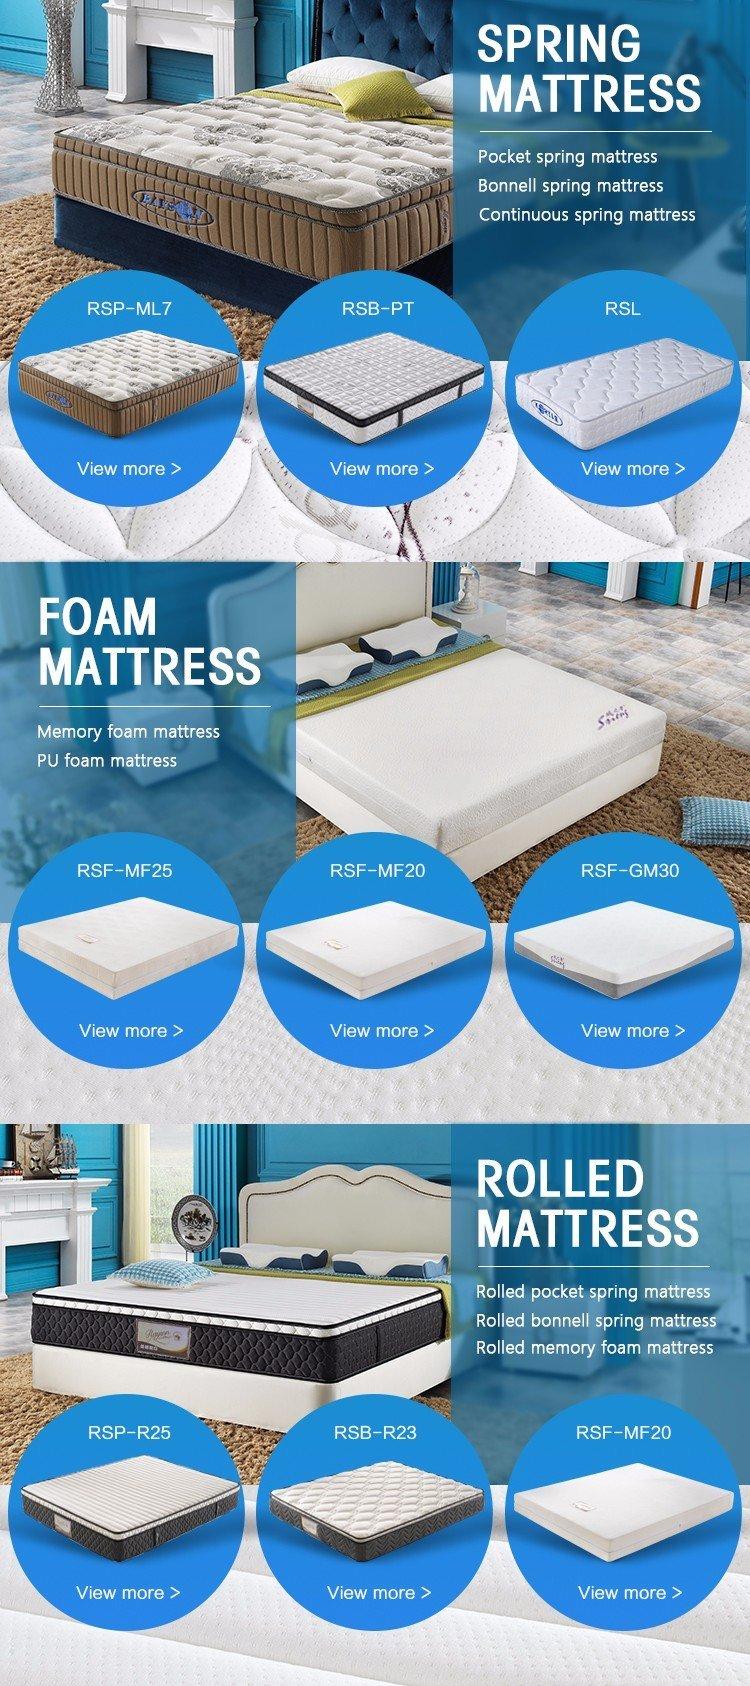 hotsale ispa best quality memory foam mattress Rayson Mattress manufacture